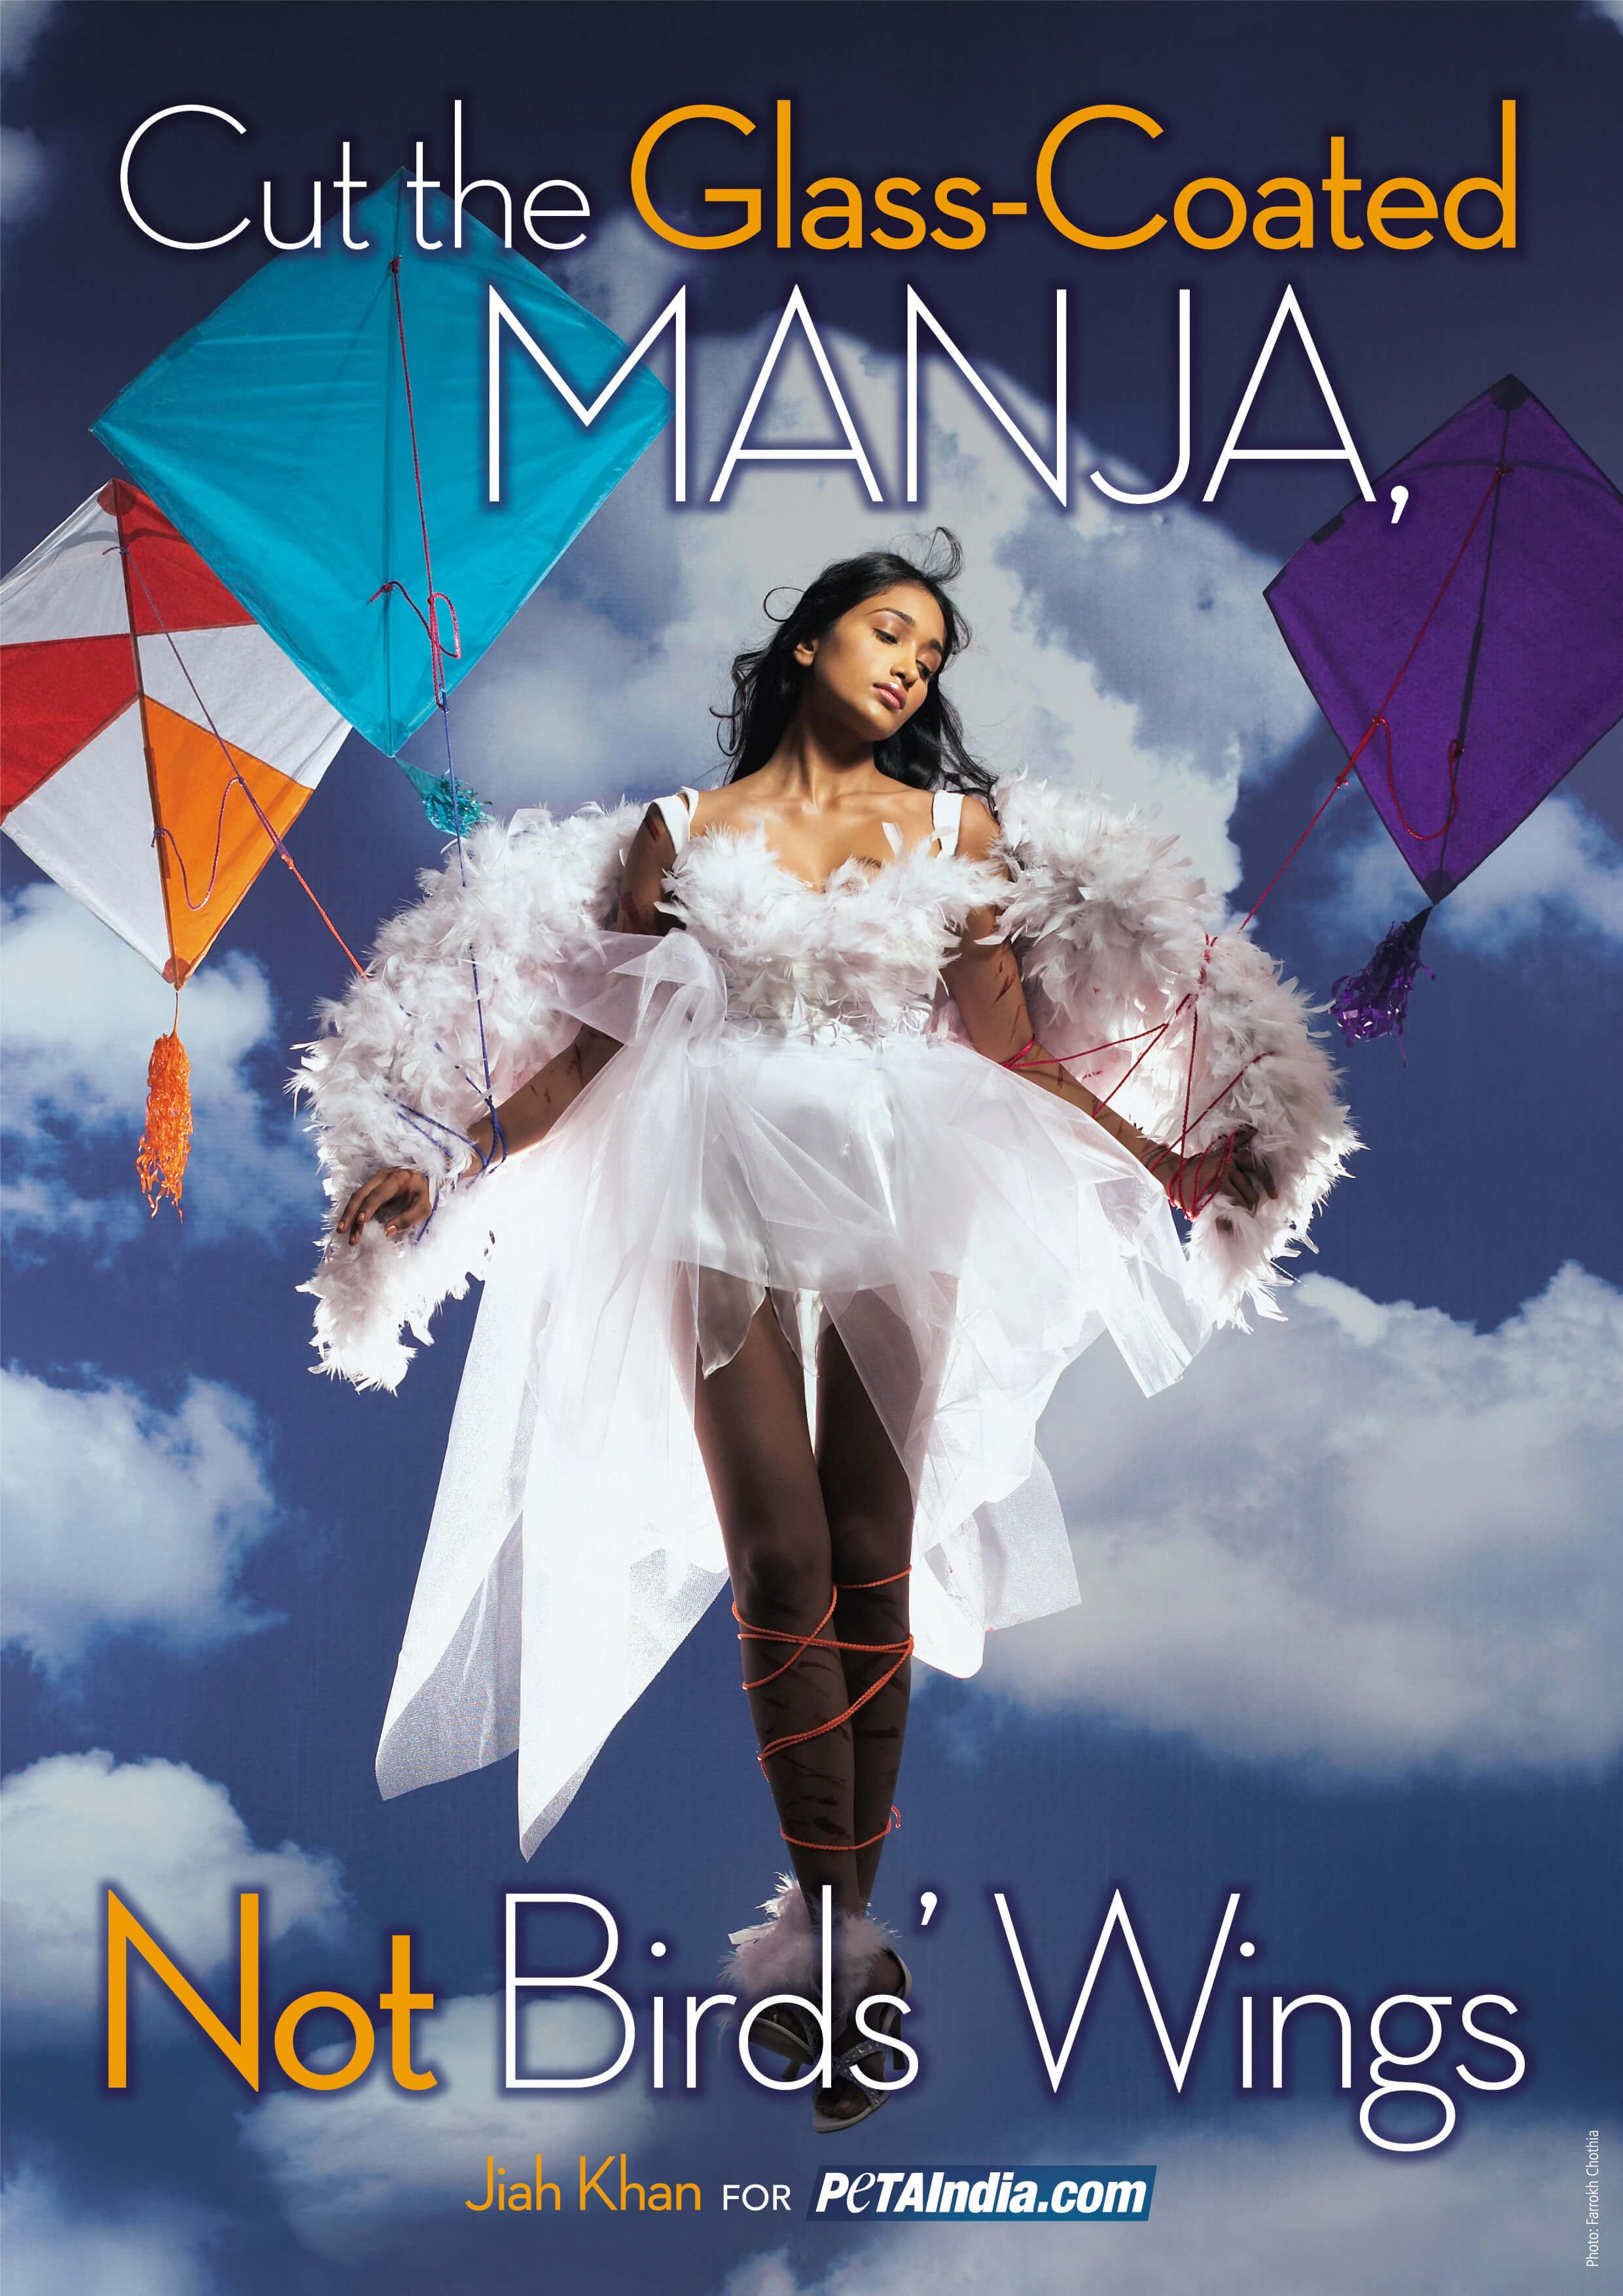 Jiah Khan Says, 'Cut Glass-Coated Manja, Not Wings'